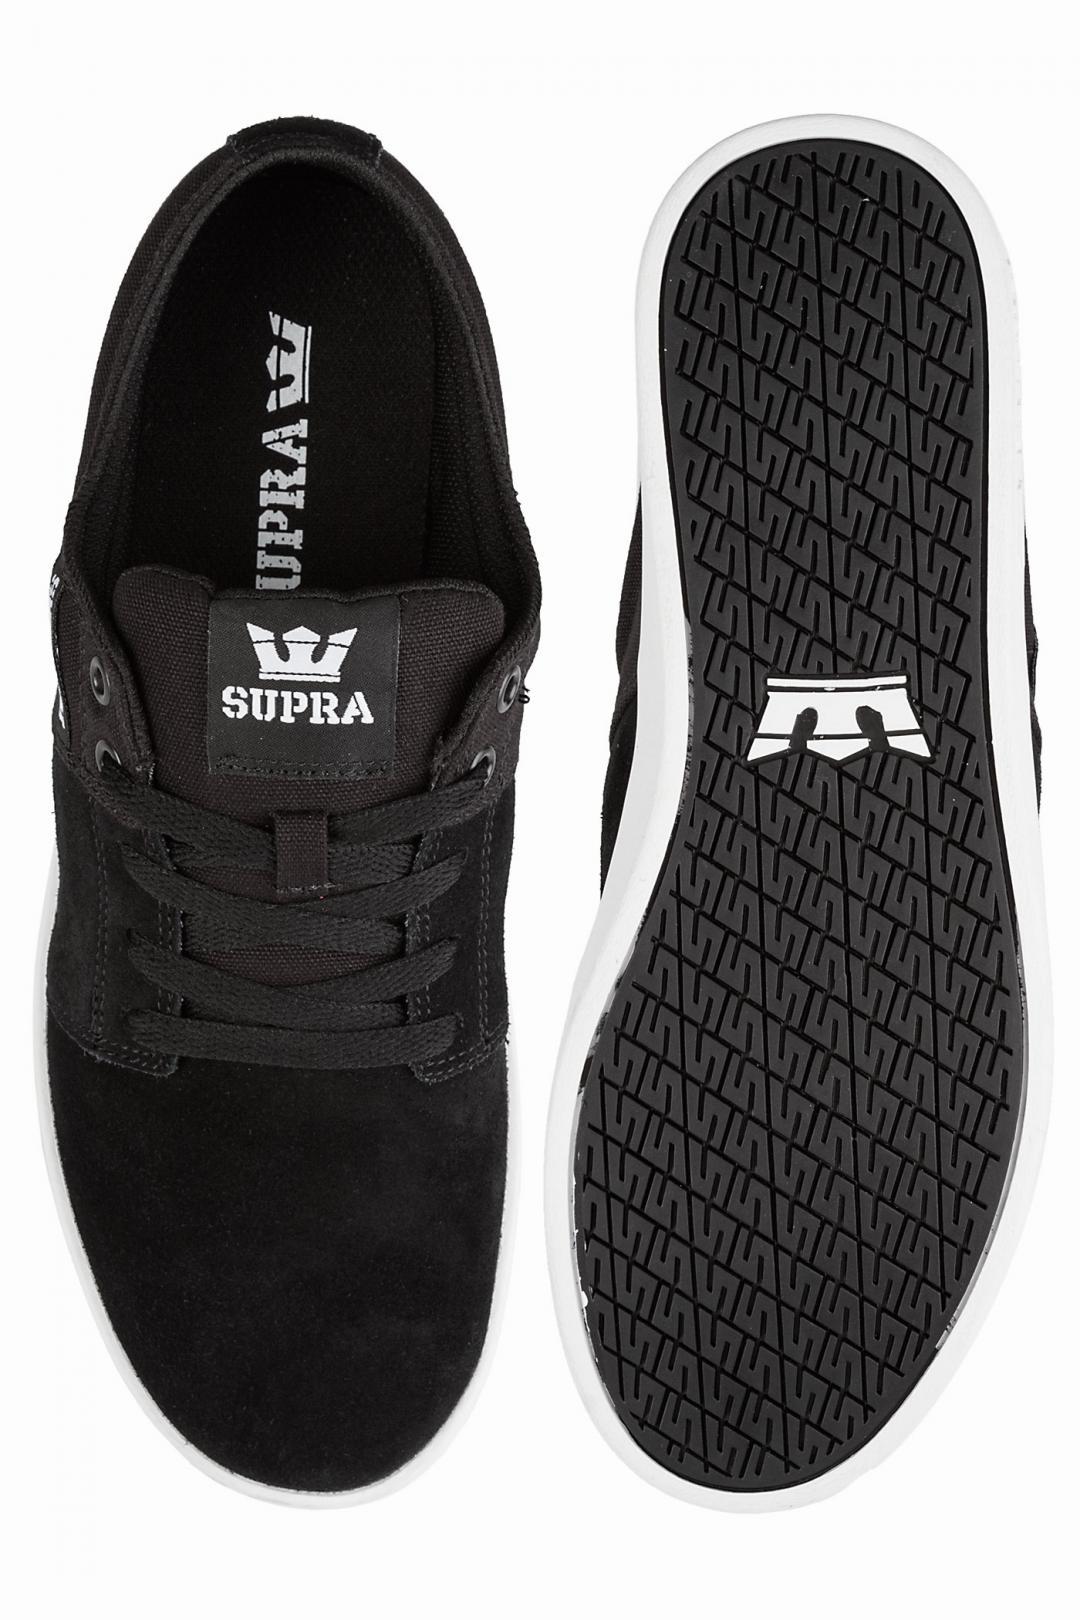 Uomo Supra Stacks II black grey white | Sneaker